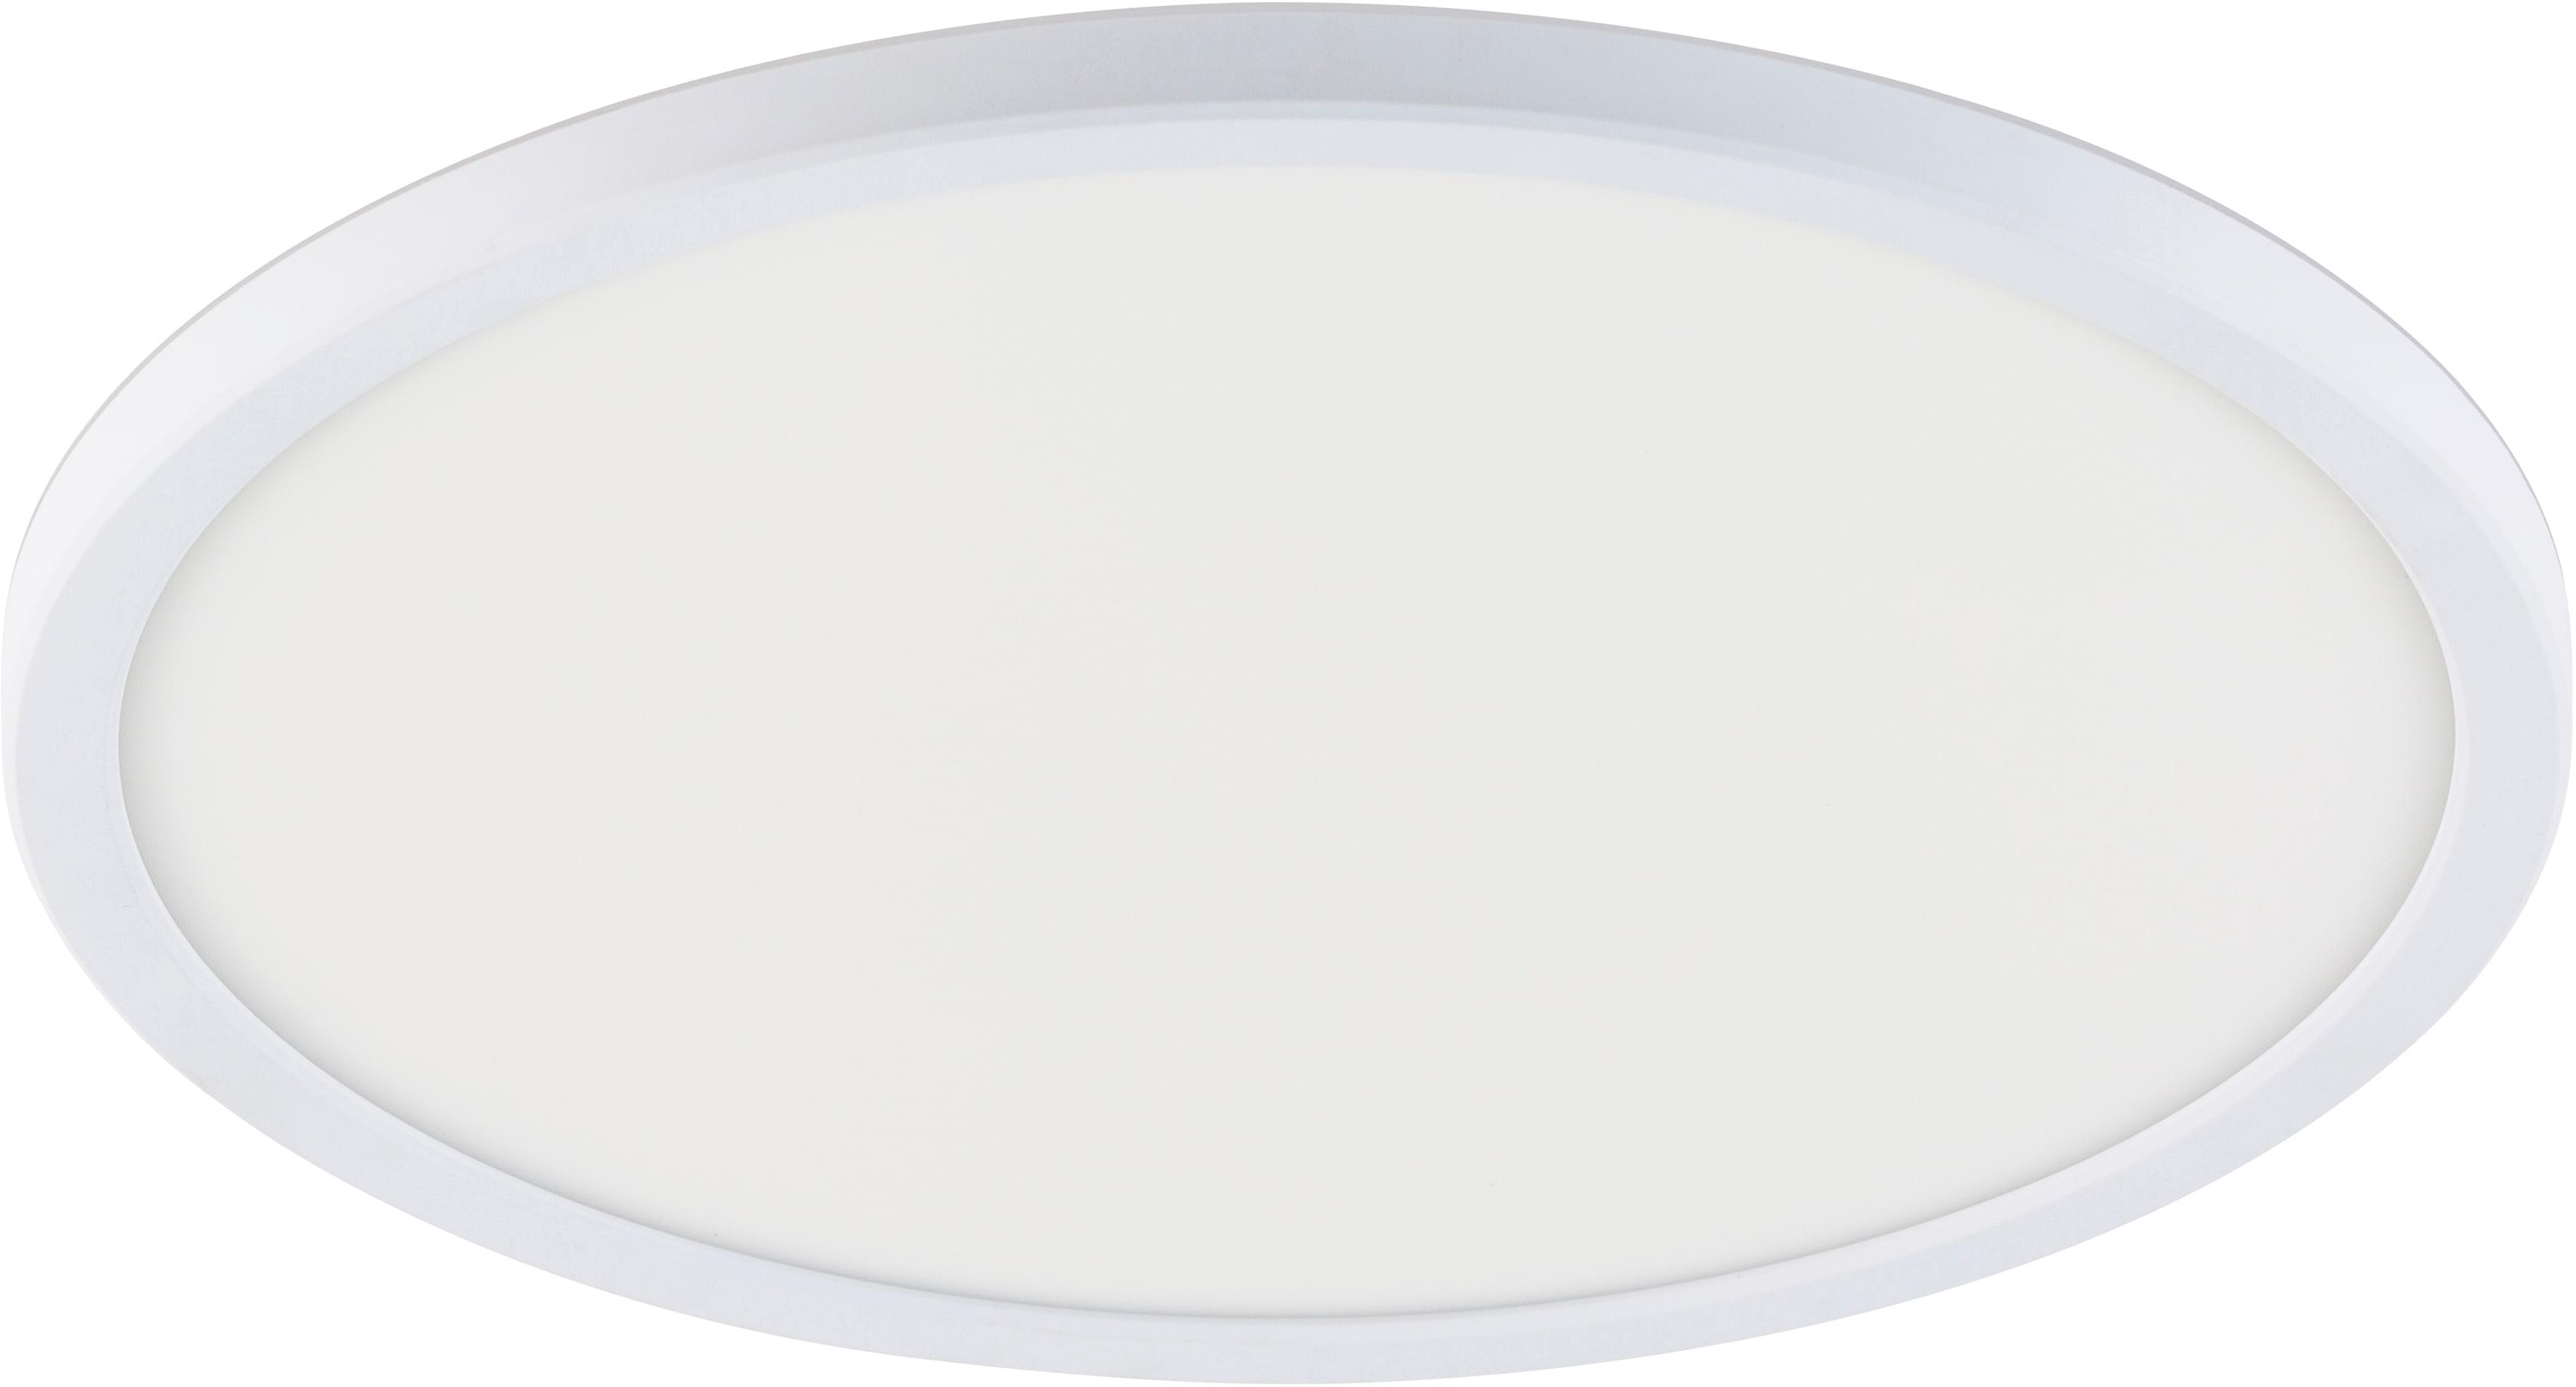 Nordlux,LED Deckenleuchte OJA 29 IP54 2700 K